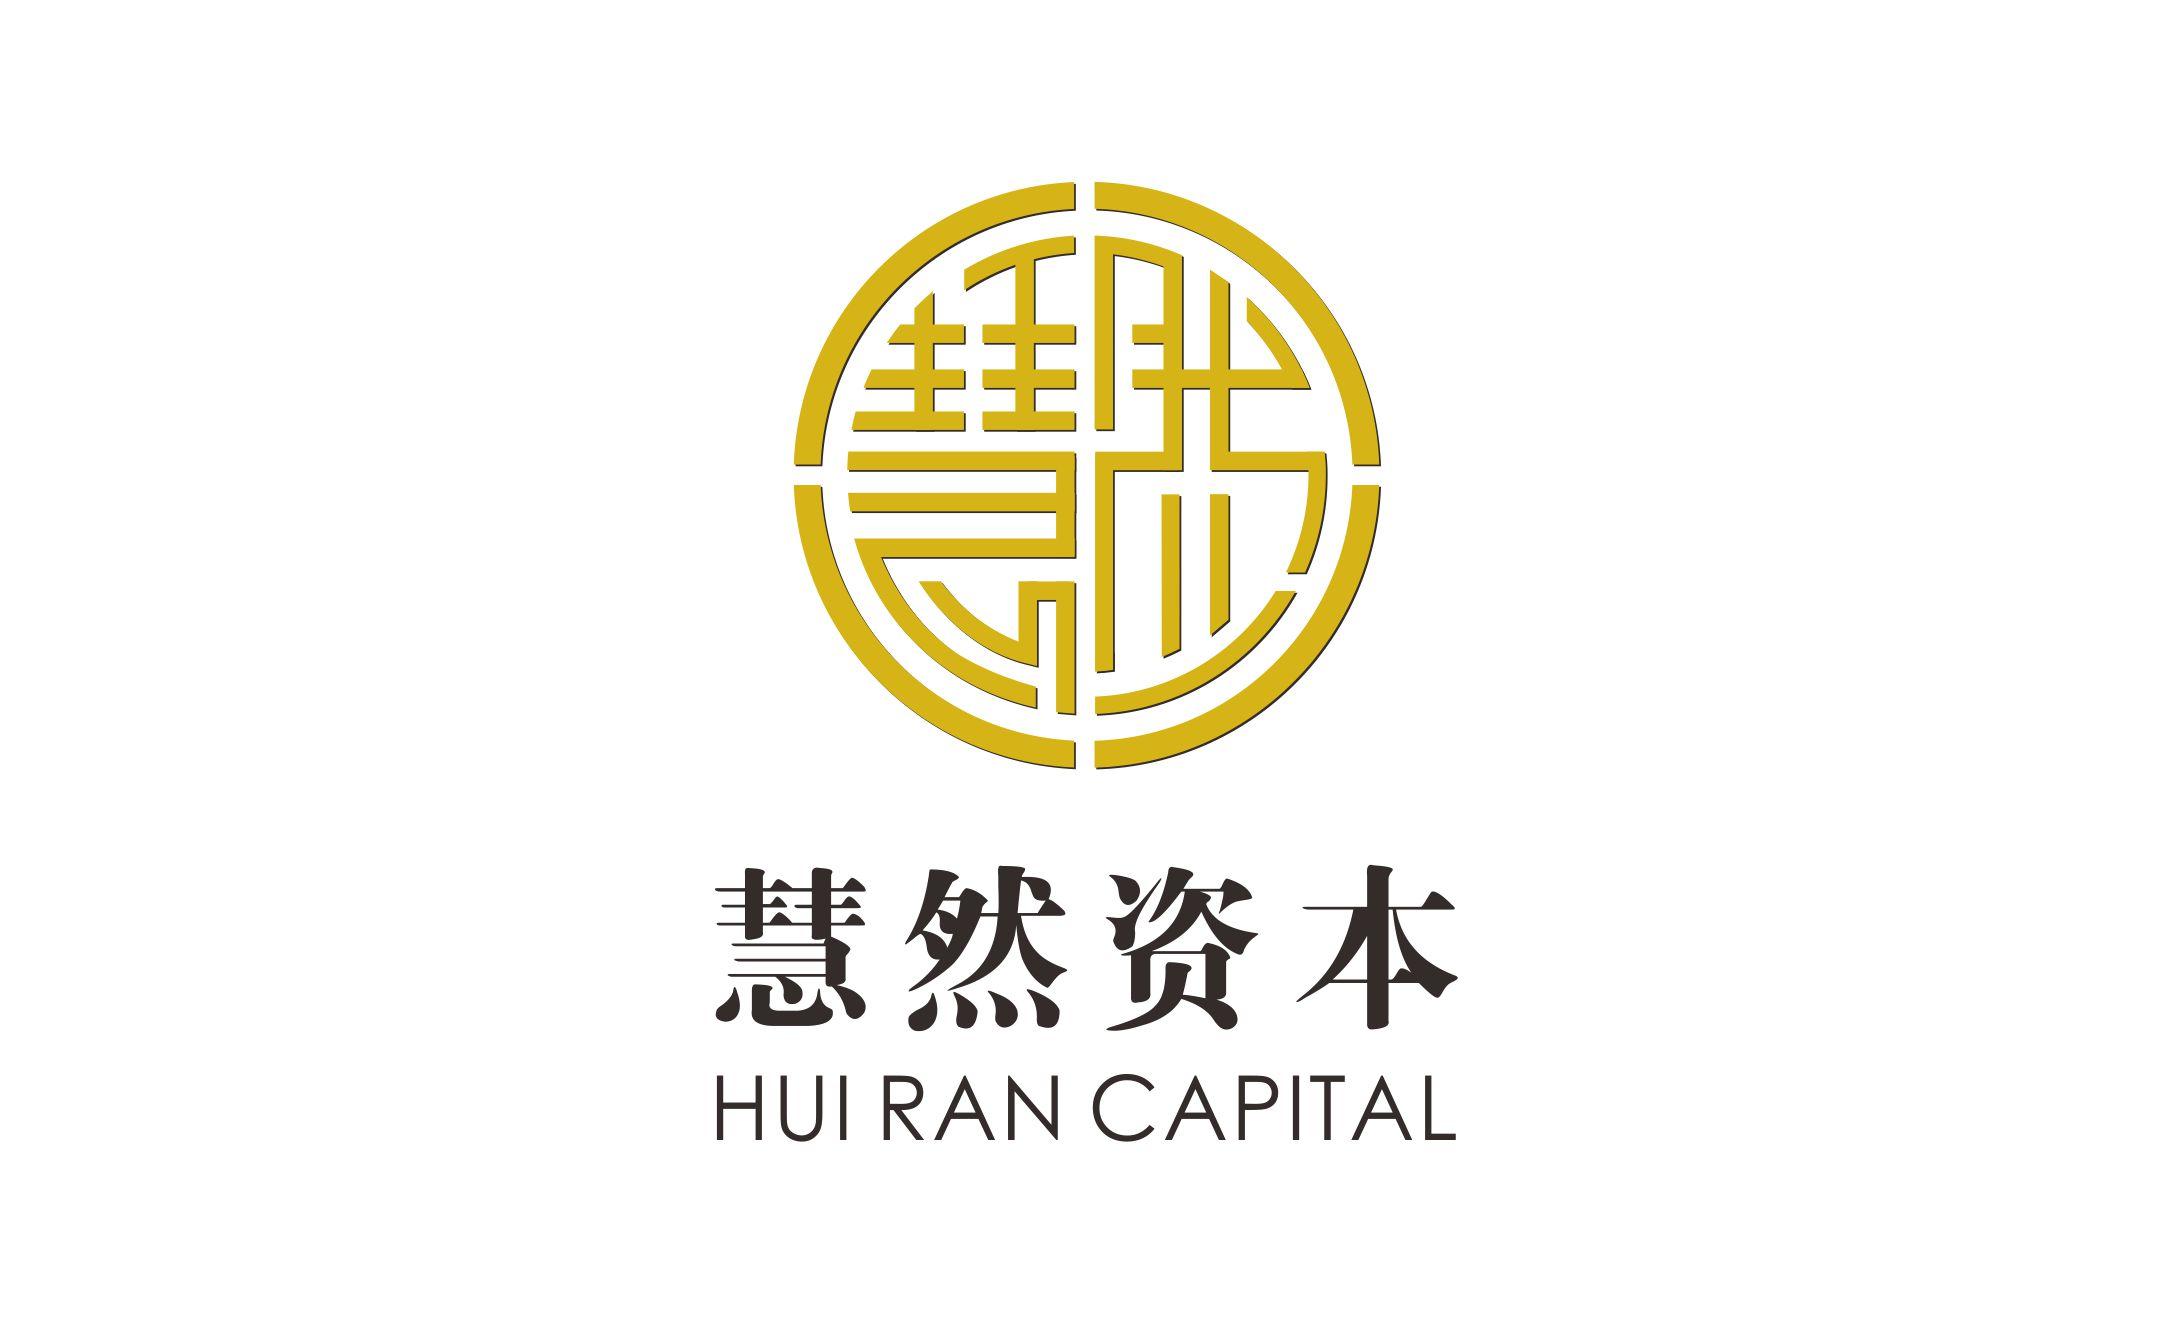 北京慧然股权投资基金管理有限公司